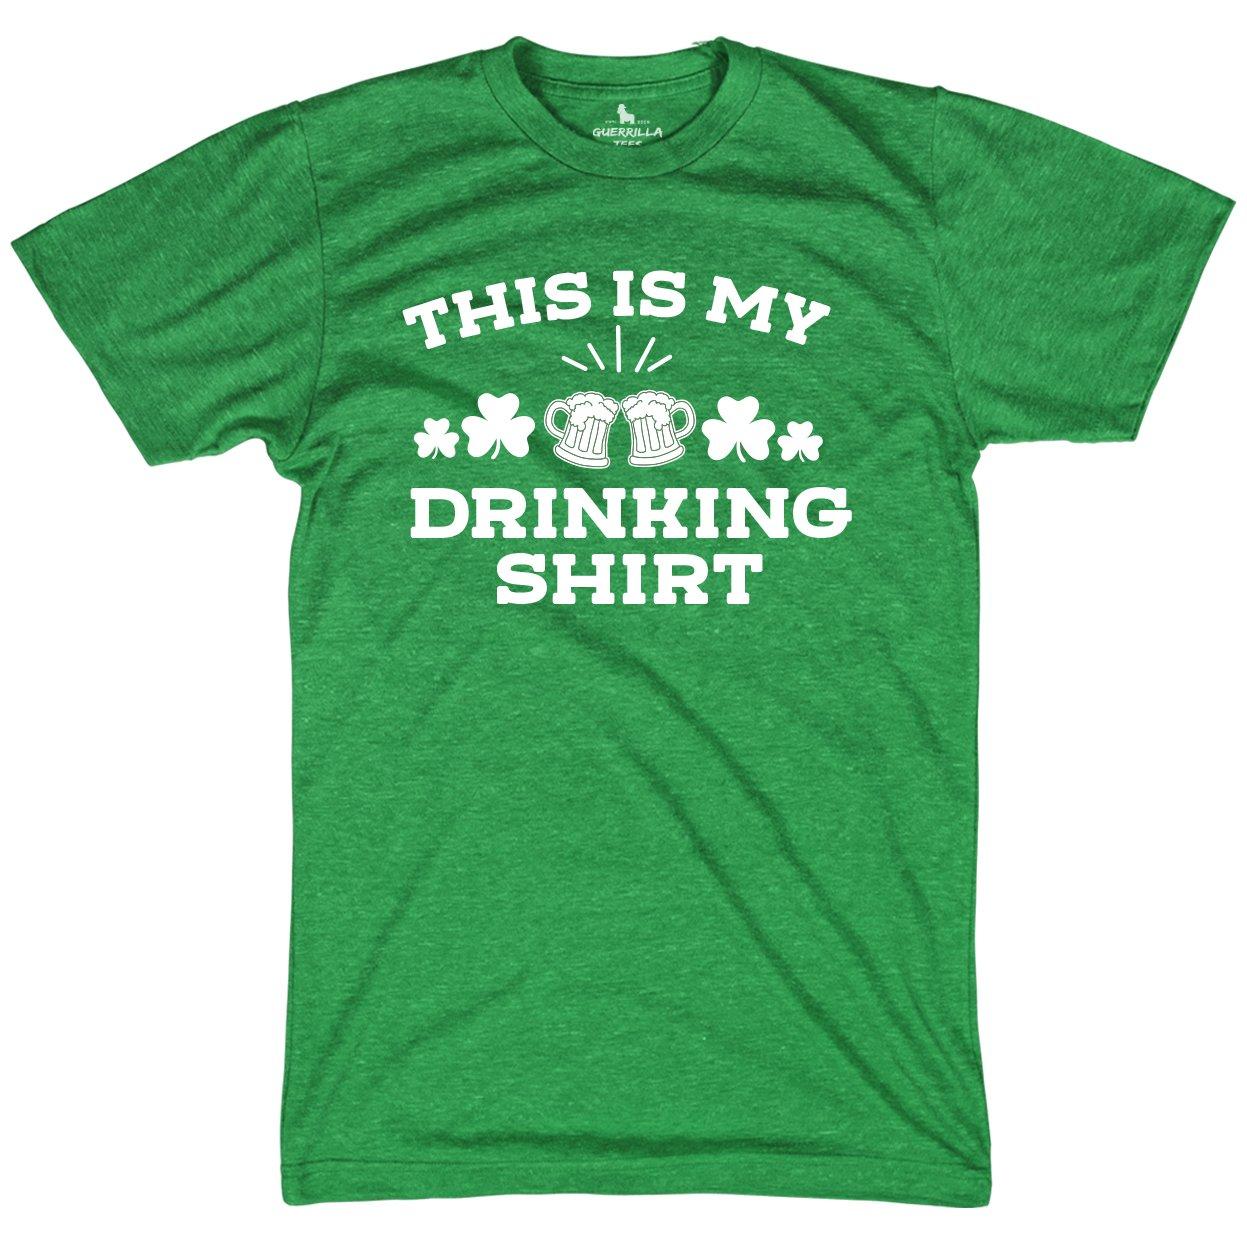 0802e49bce Drinking Shirt | Funny Irish Drinking Tees | Guerrilla Tees